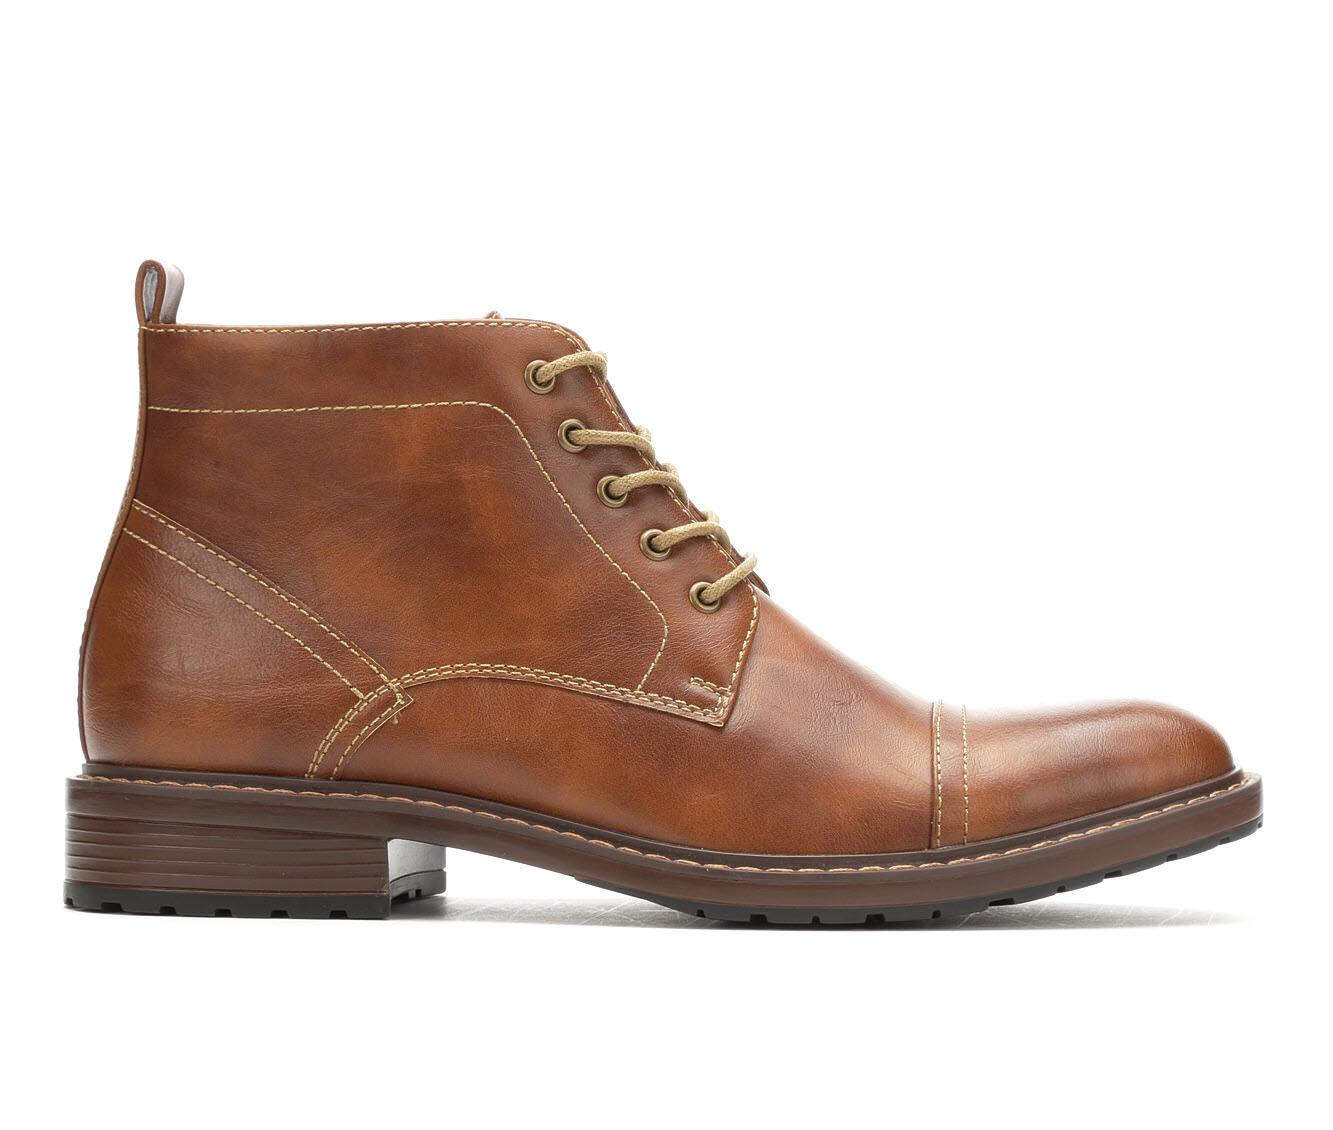 Reliable Men's Perry Ellis Manning Boots Cognac